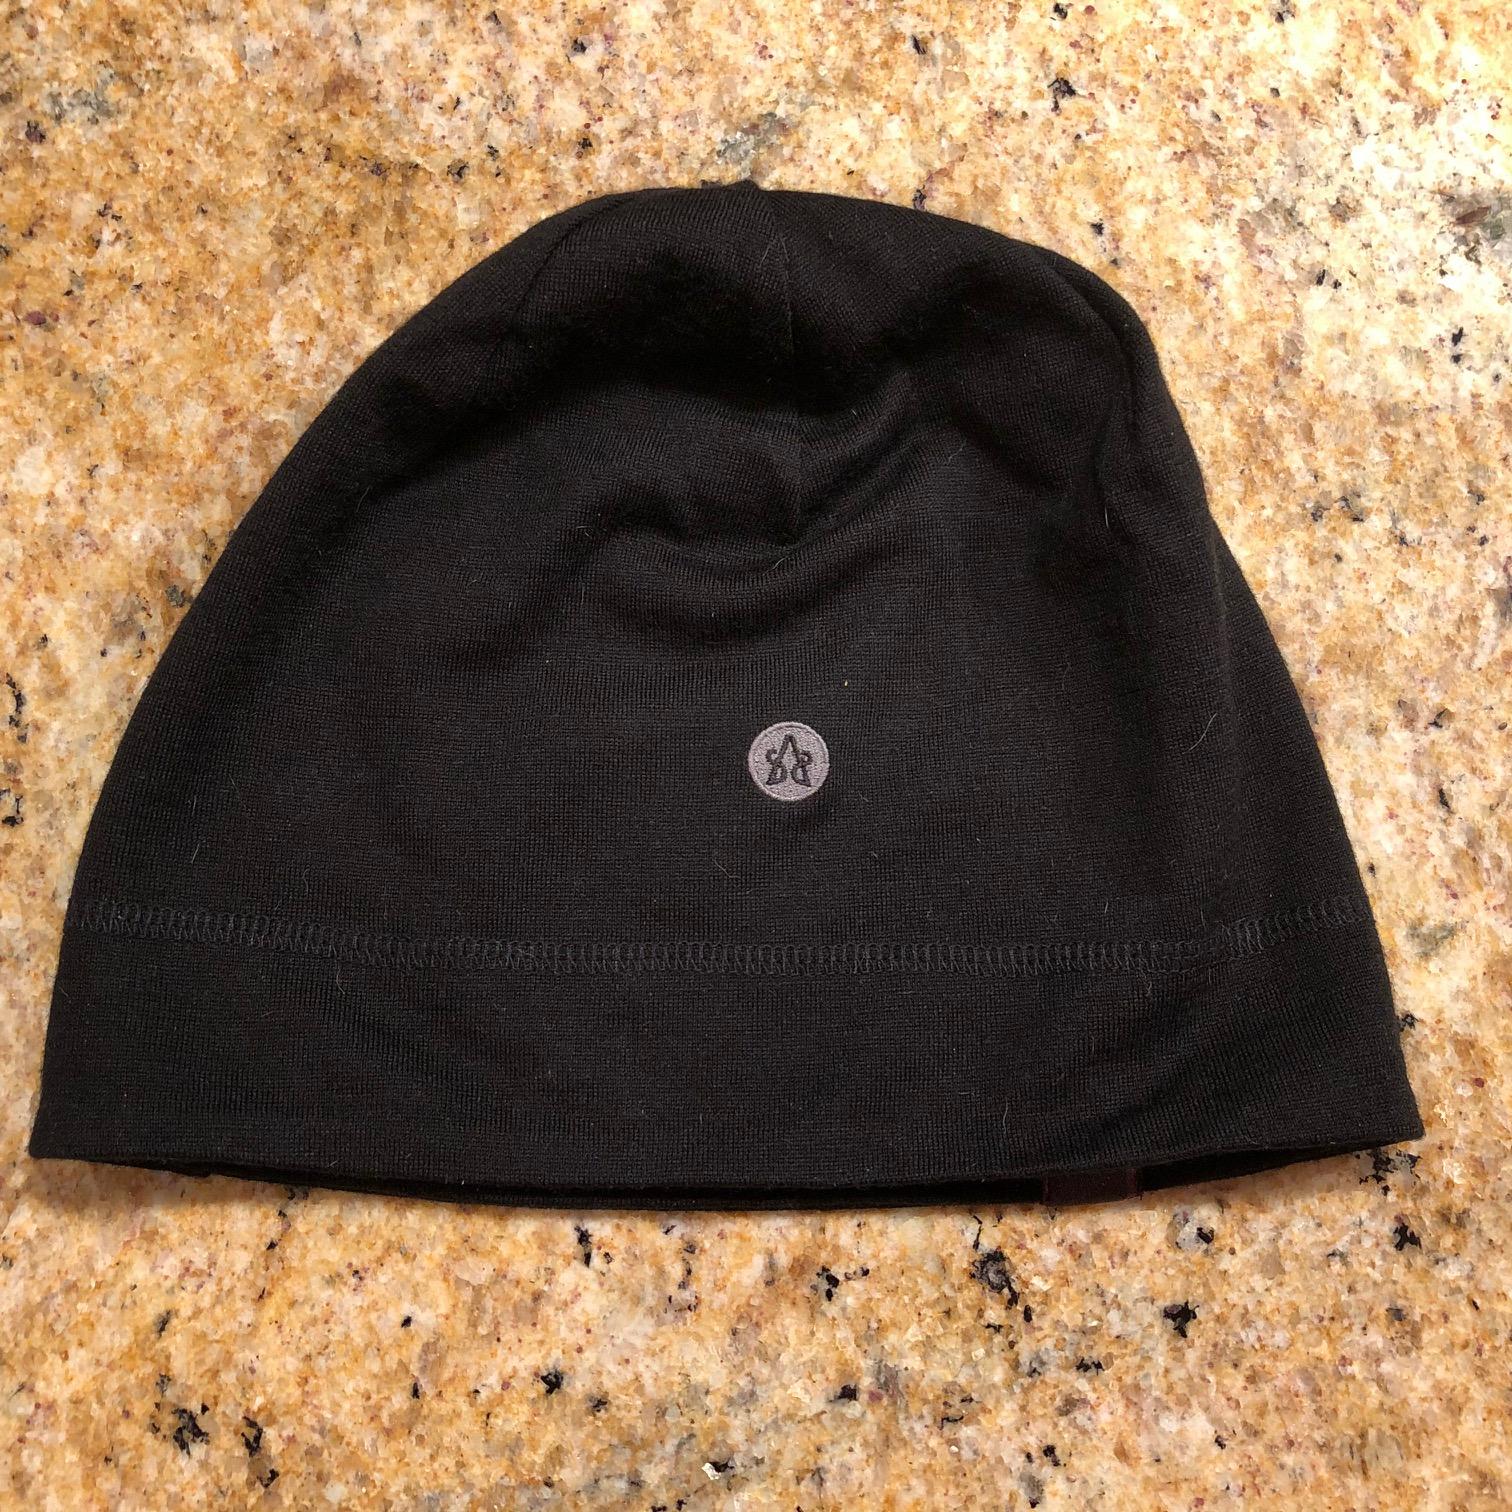 Shola 230 Esker Hat with Emblem